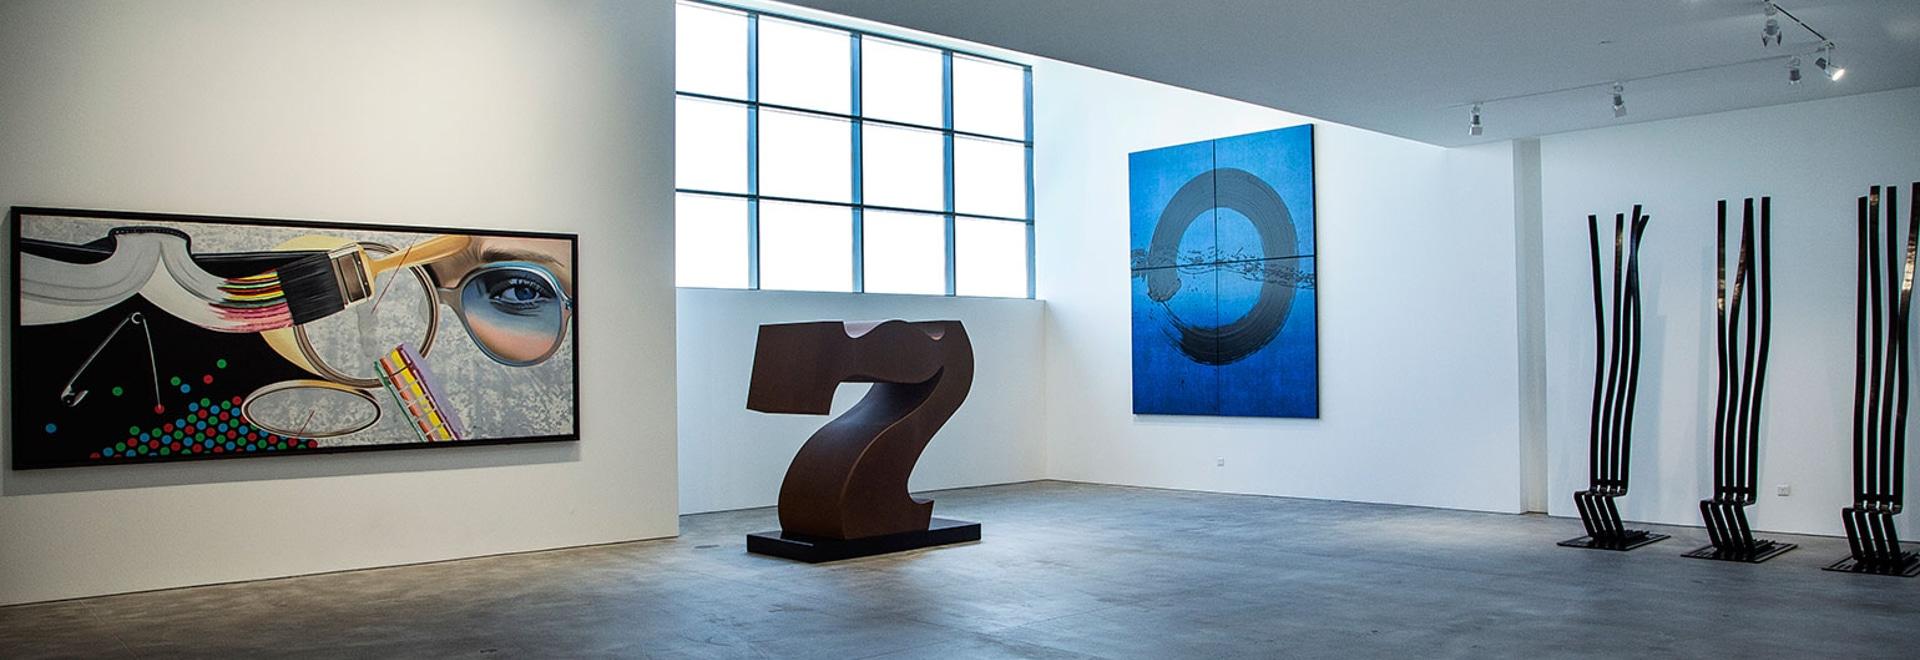 Stéphane Custot, l'art-revendeur français et gallerist, ouvre son avant-poste de Dubaï avec «le monde se réunit ici», décrit. Courtoisie de photographie de galerie Dubaï de Custot